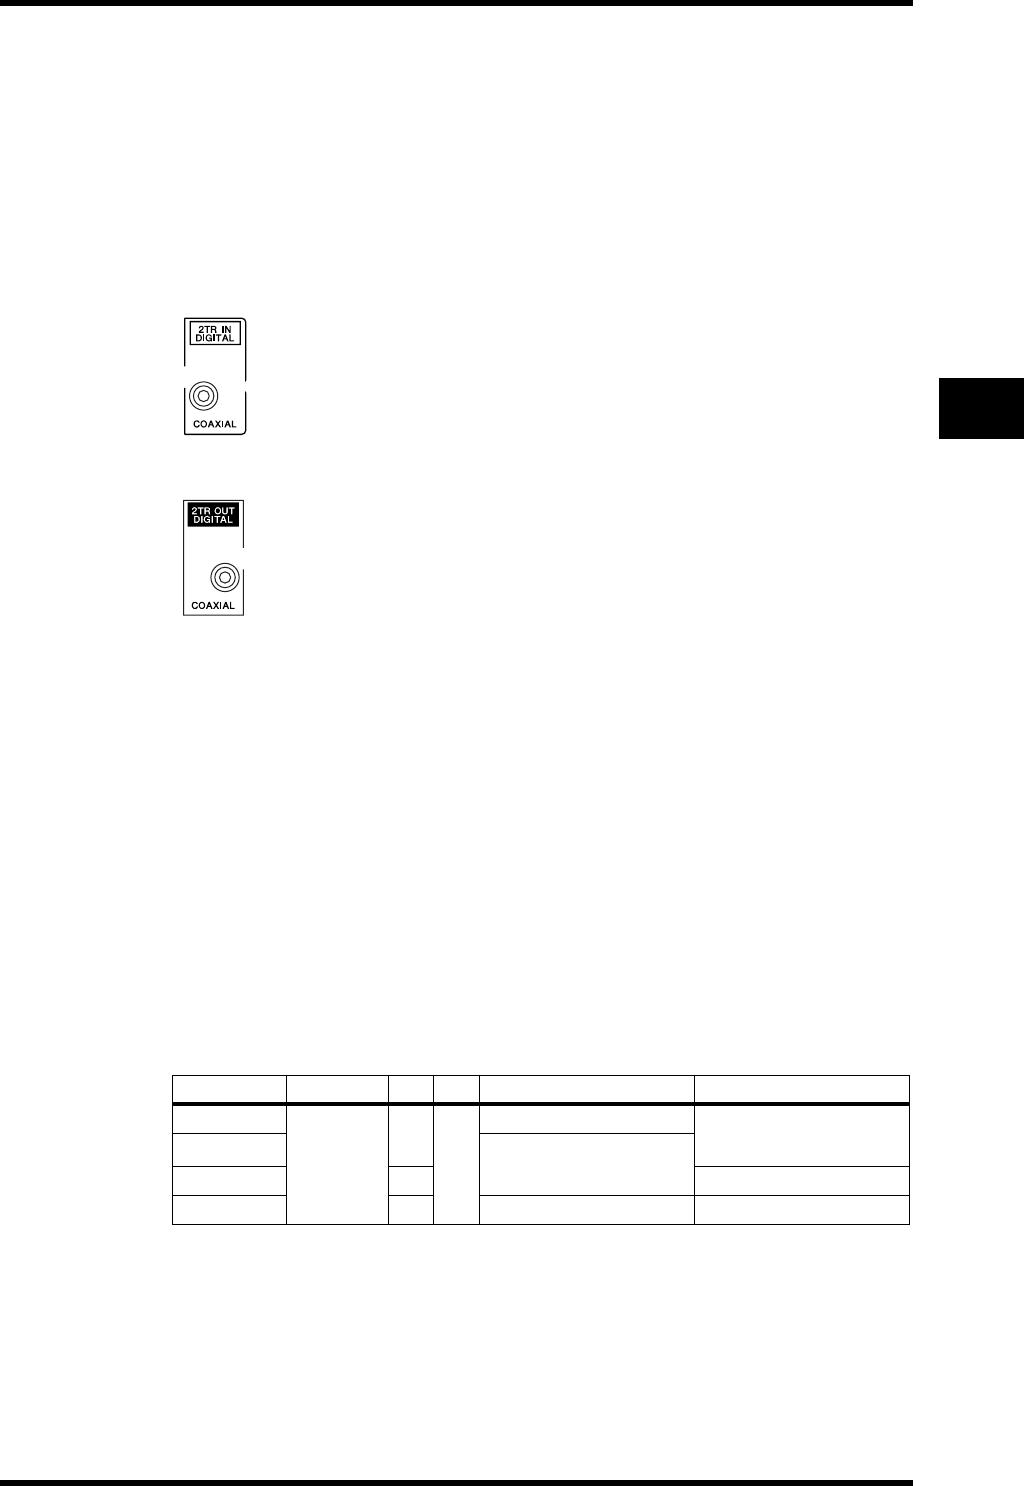 01v96 Block Diagram